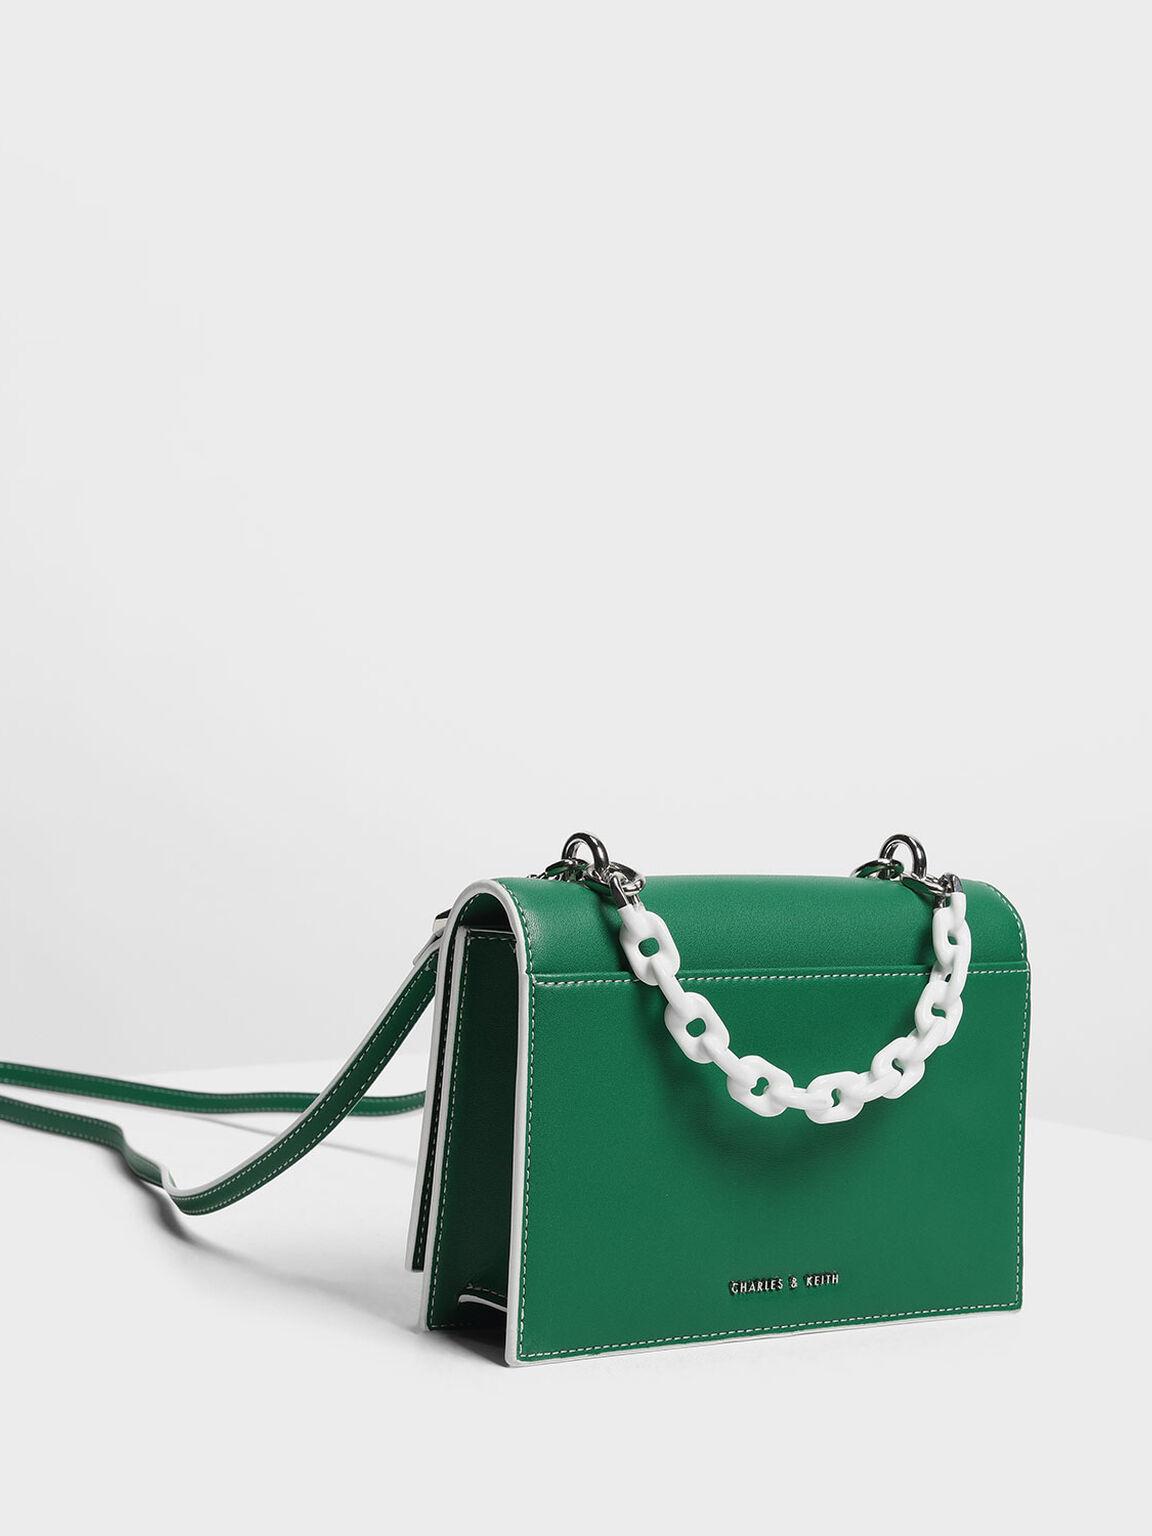 Single Chain Handle Push Lock Bag, Green, hi-res